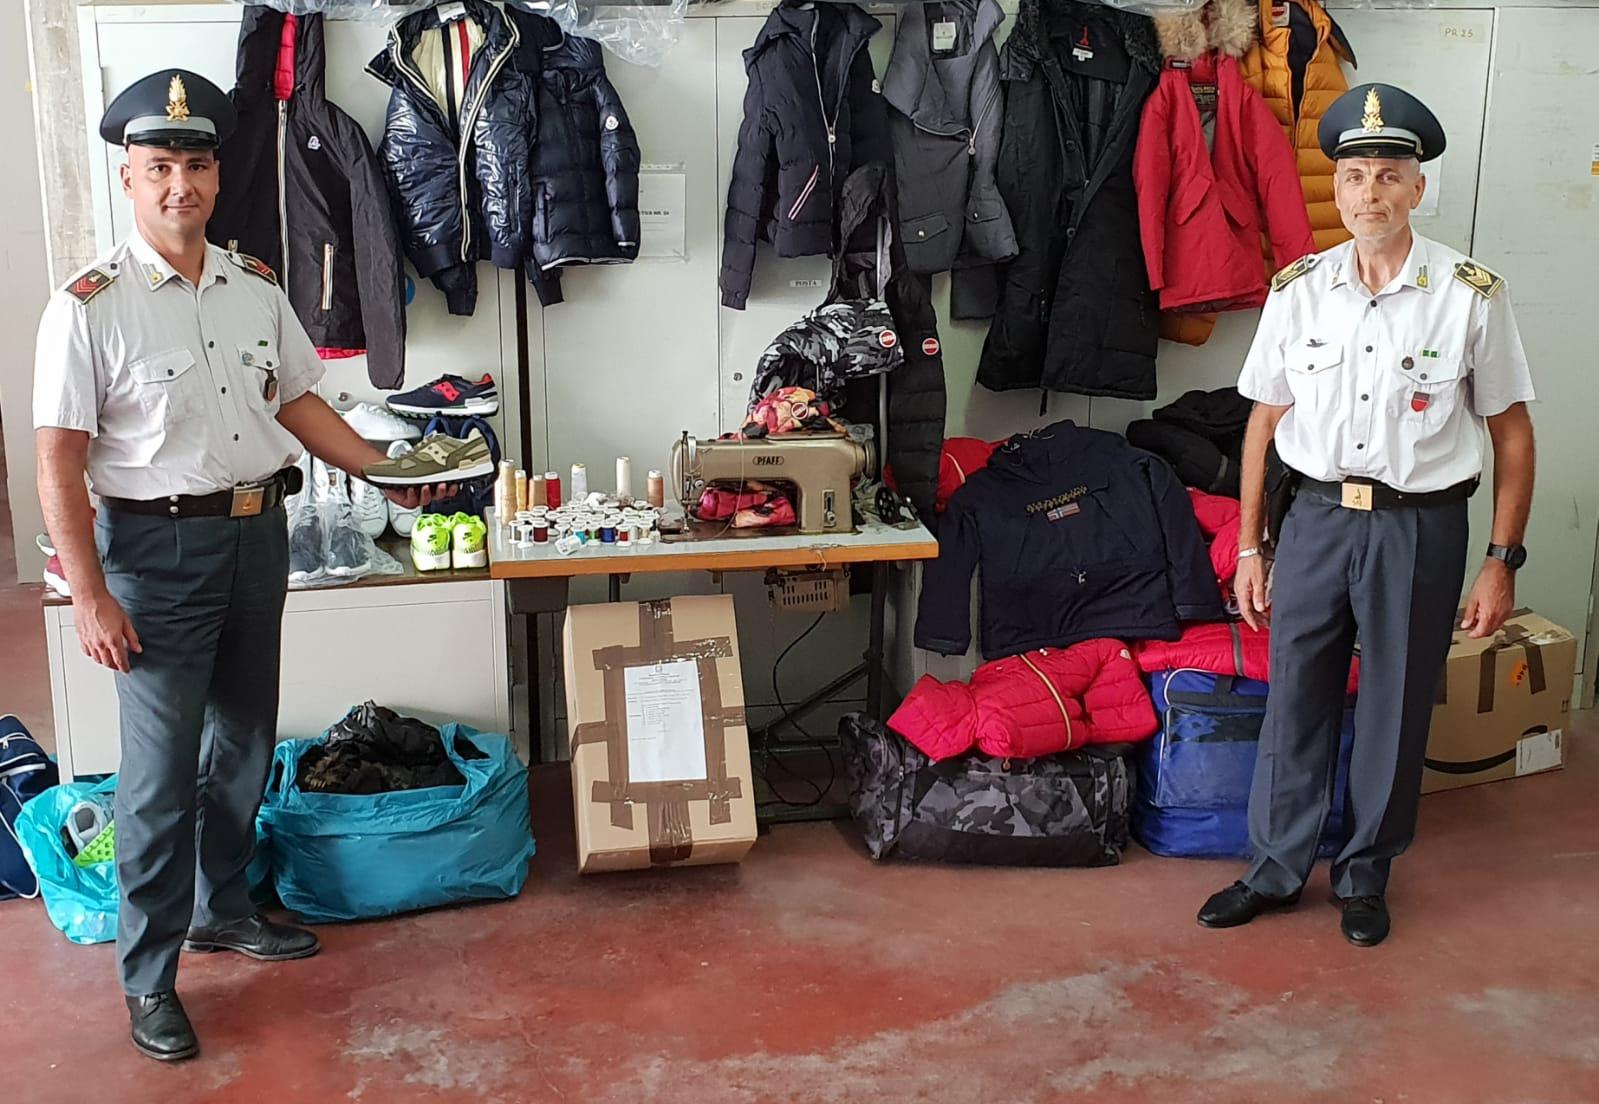 Finanza a Porto Recanati, sequestrata merce contraffatta